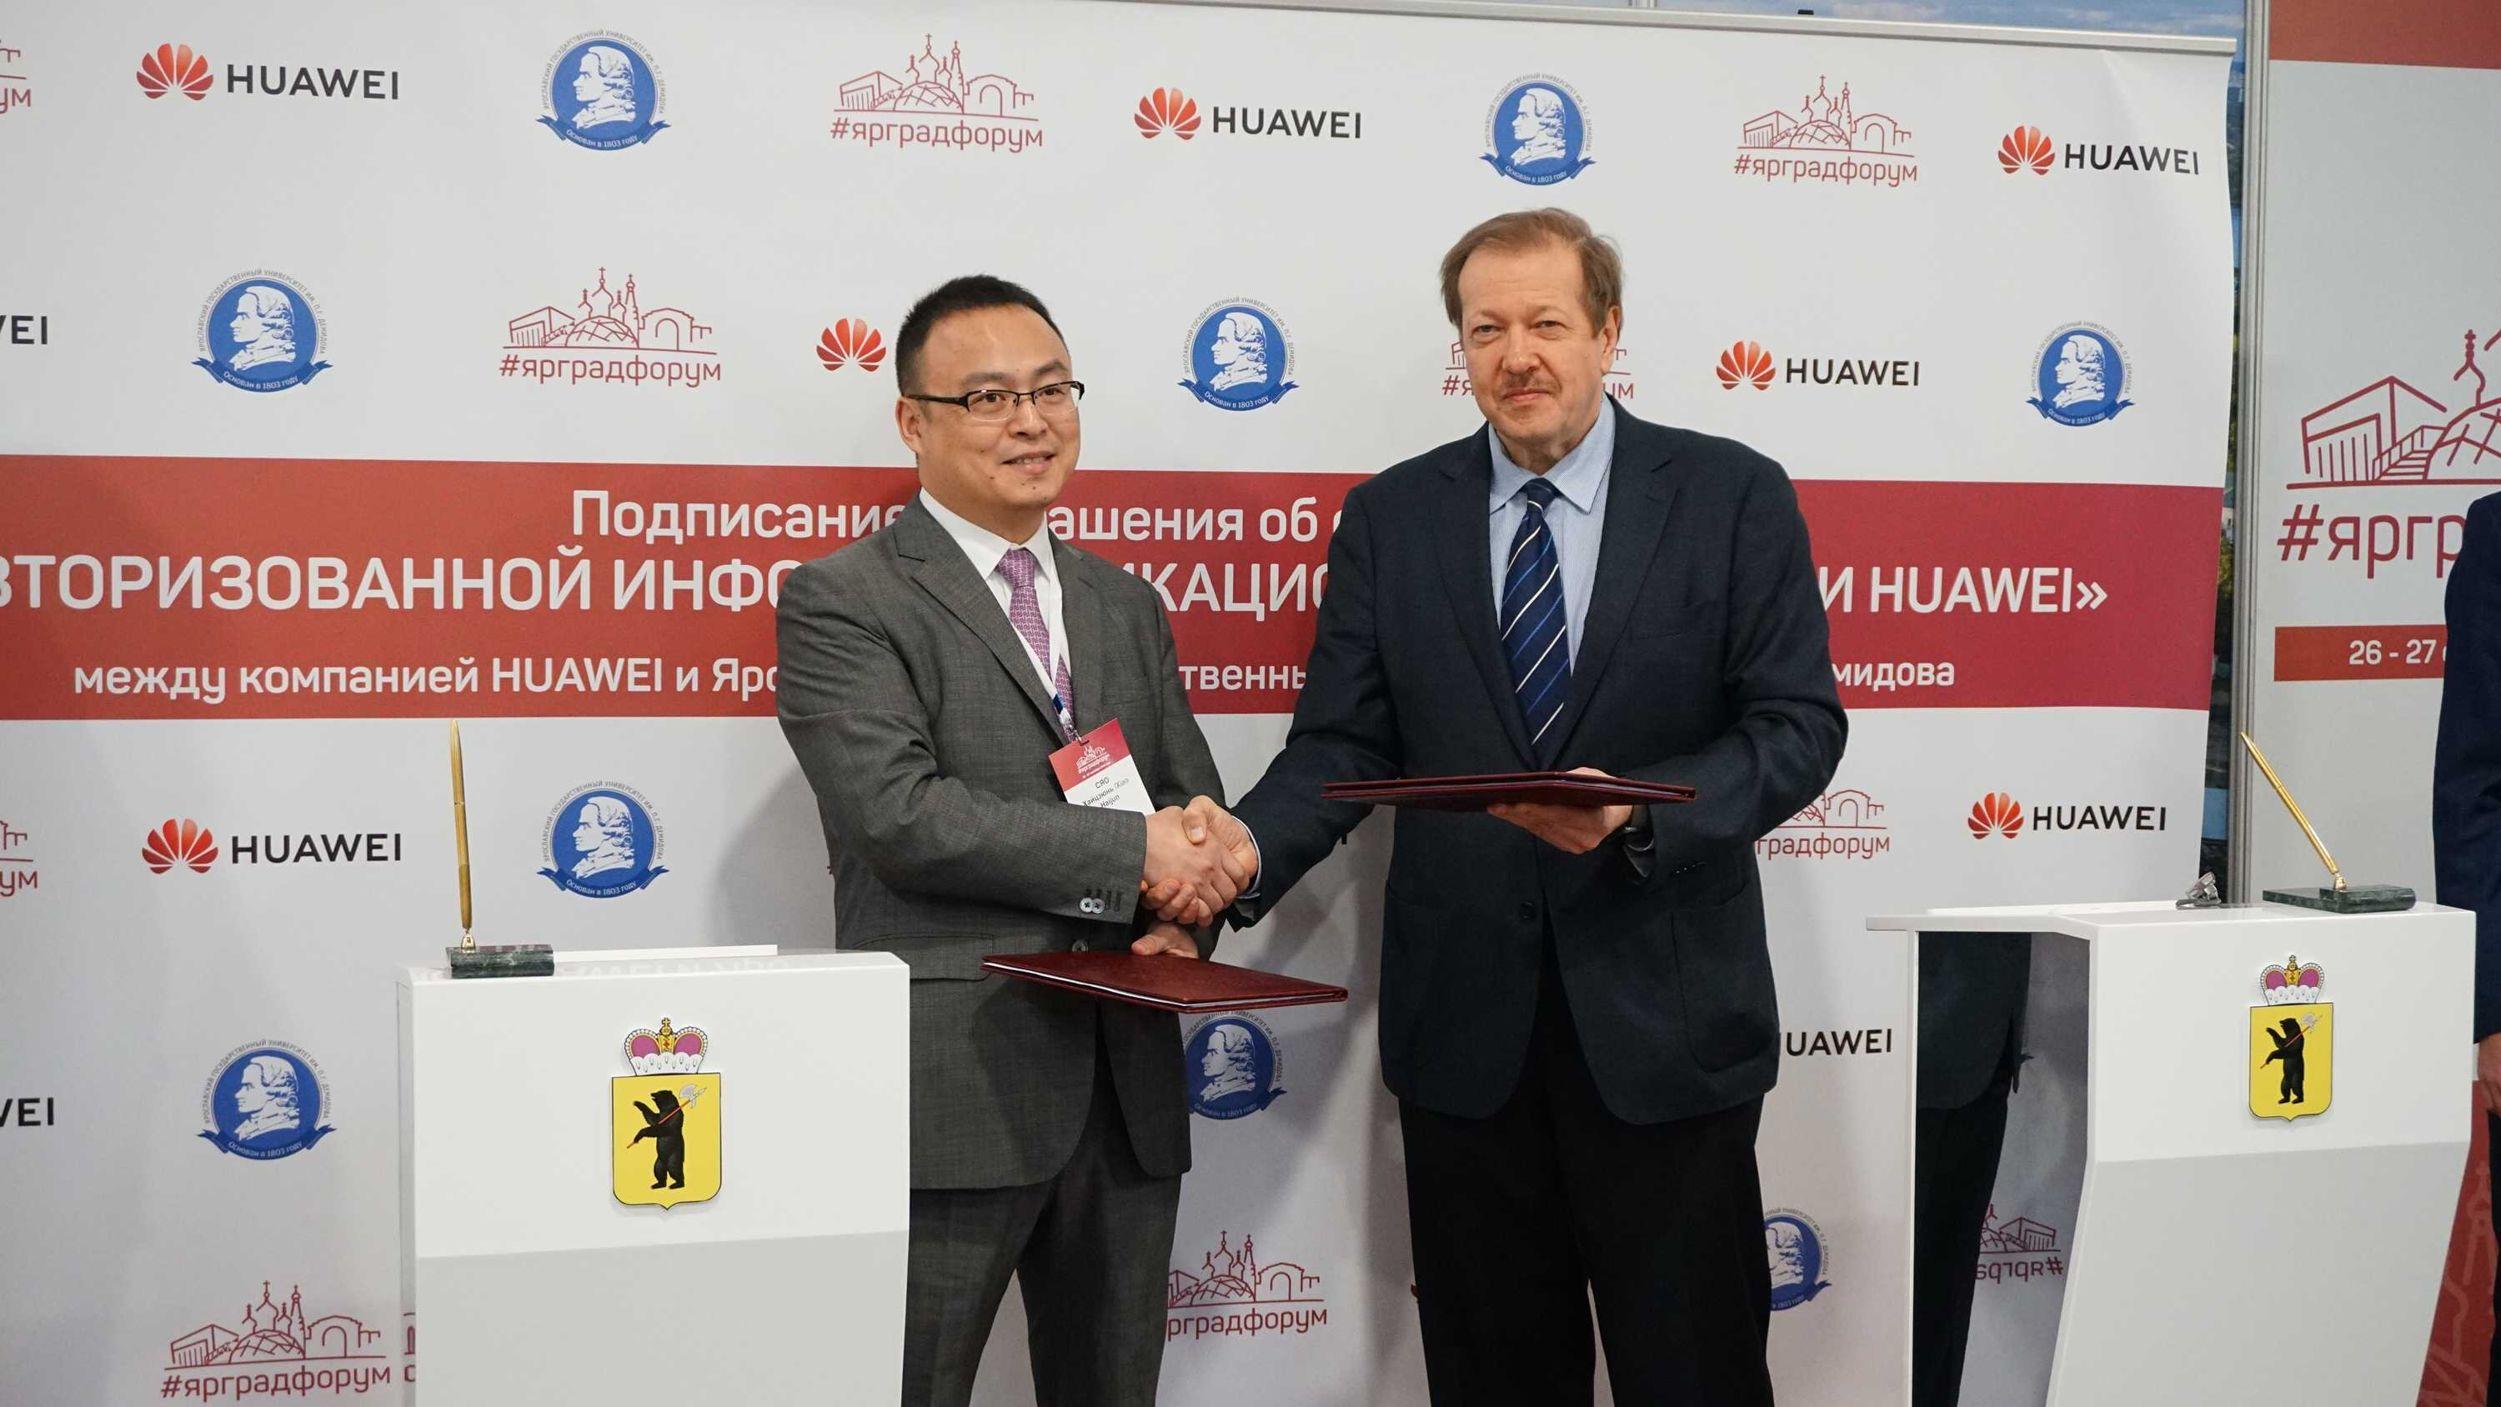 В Ярославле будет открыта авторизованная инфокоммуникационная академия для студентов, аспирантов и преподавателей